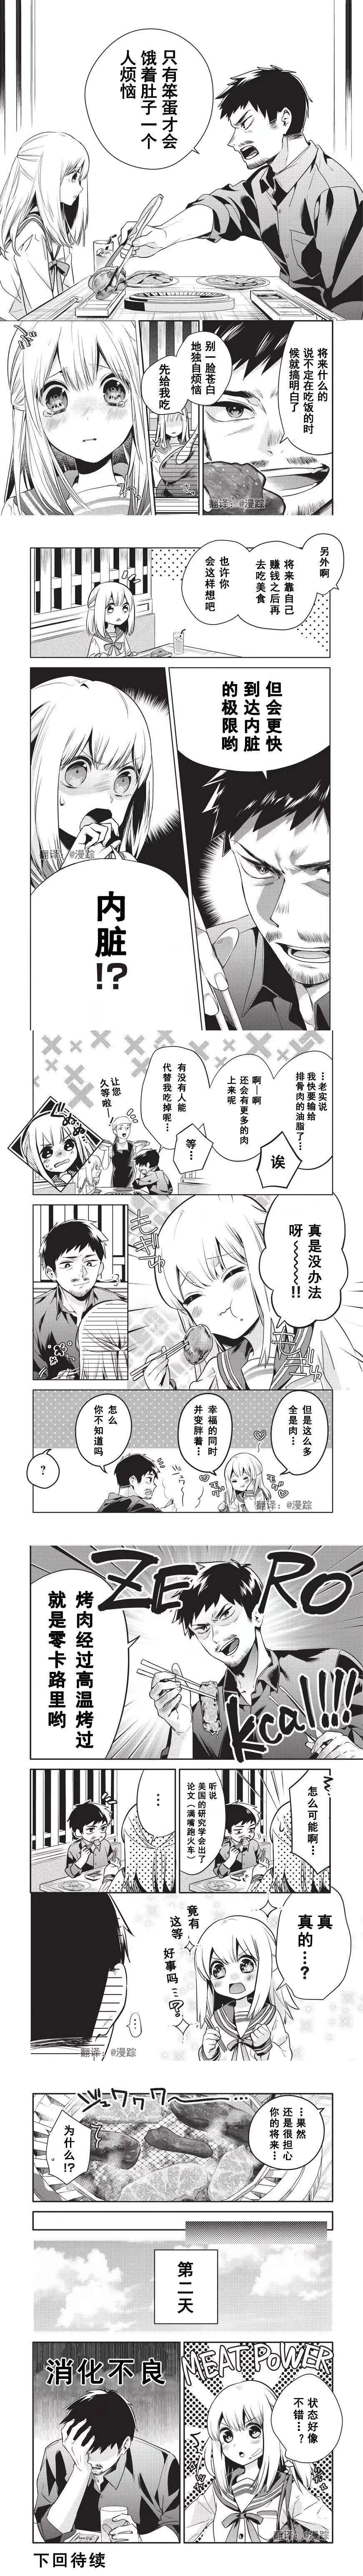 【短漫画】大叔,教我做坏坏的事吧(二)